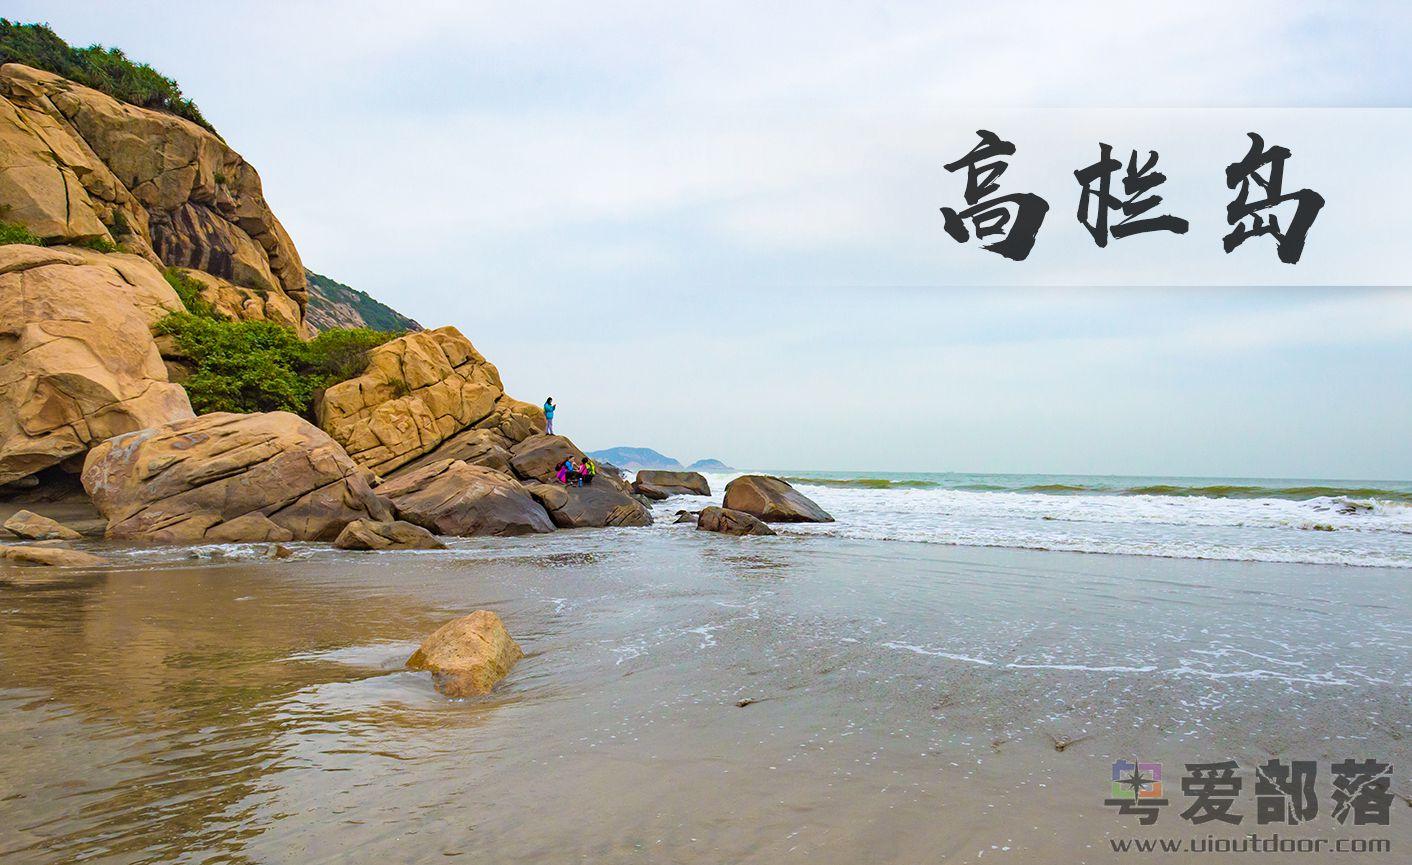 (2)【12.2周日】珠海高栏岛观绝色山海风光,邂逅广东最美风车山-户外活动图-驼铃网